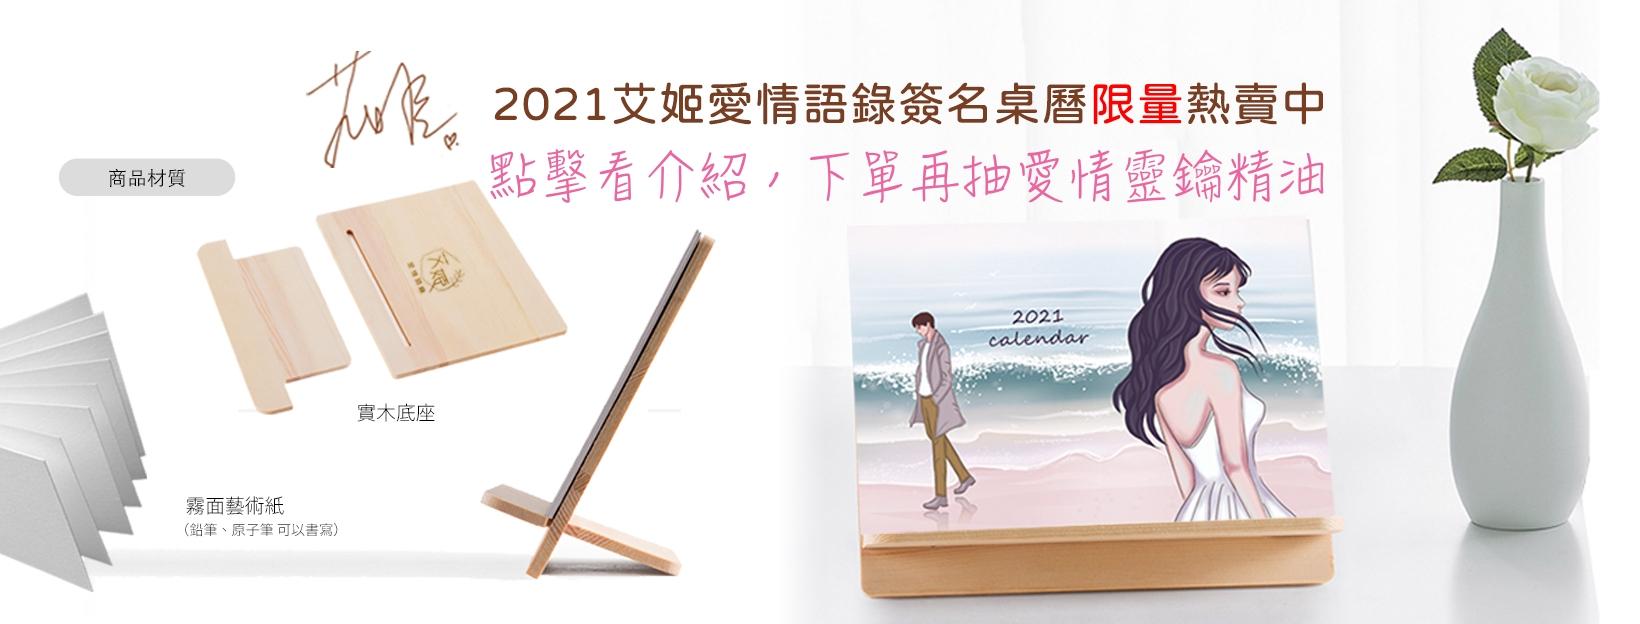 艾姬愛情語錄簽名桌曆